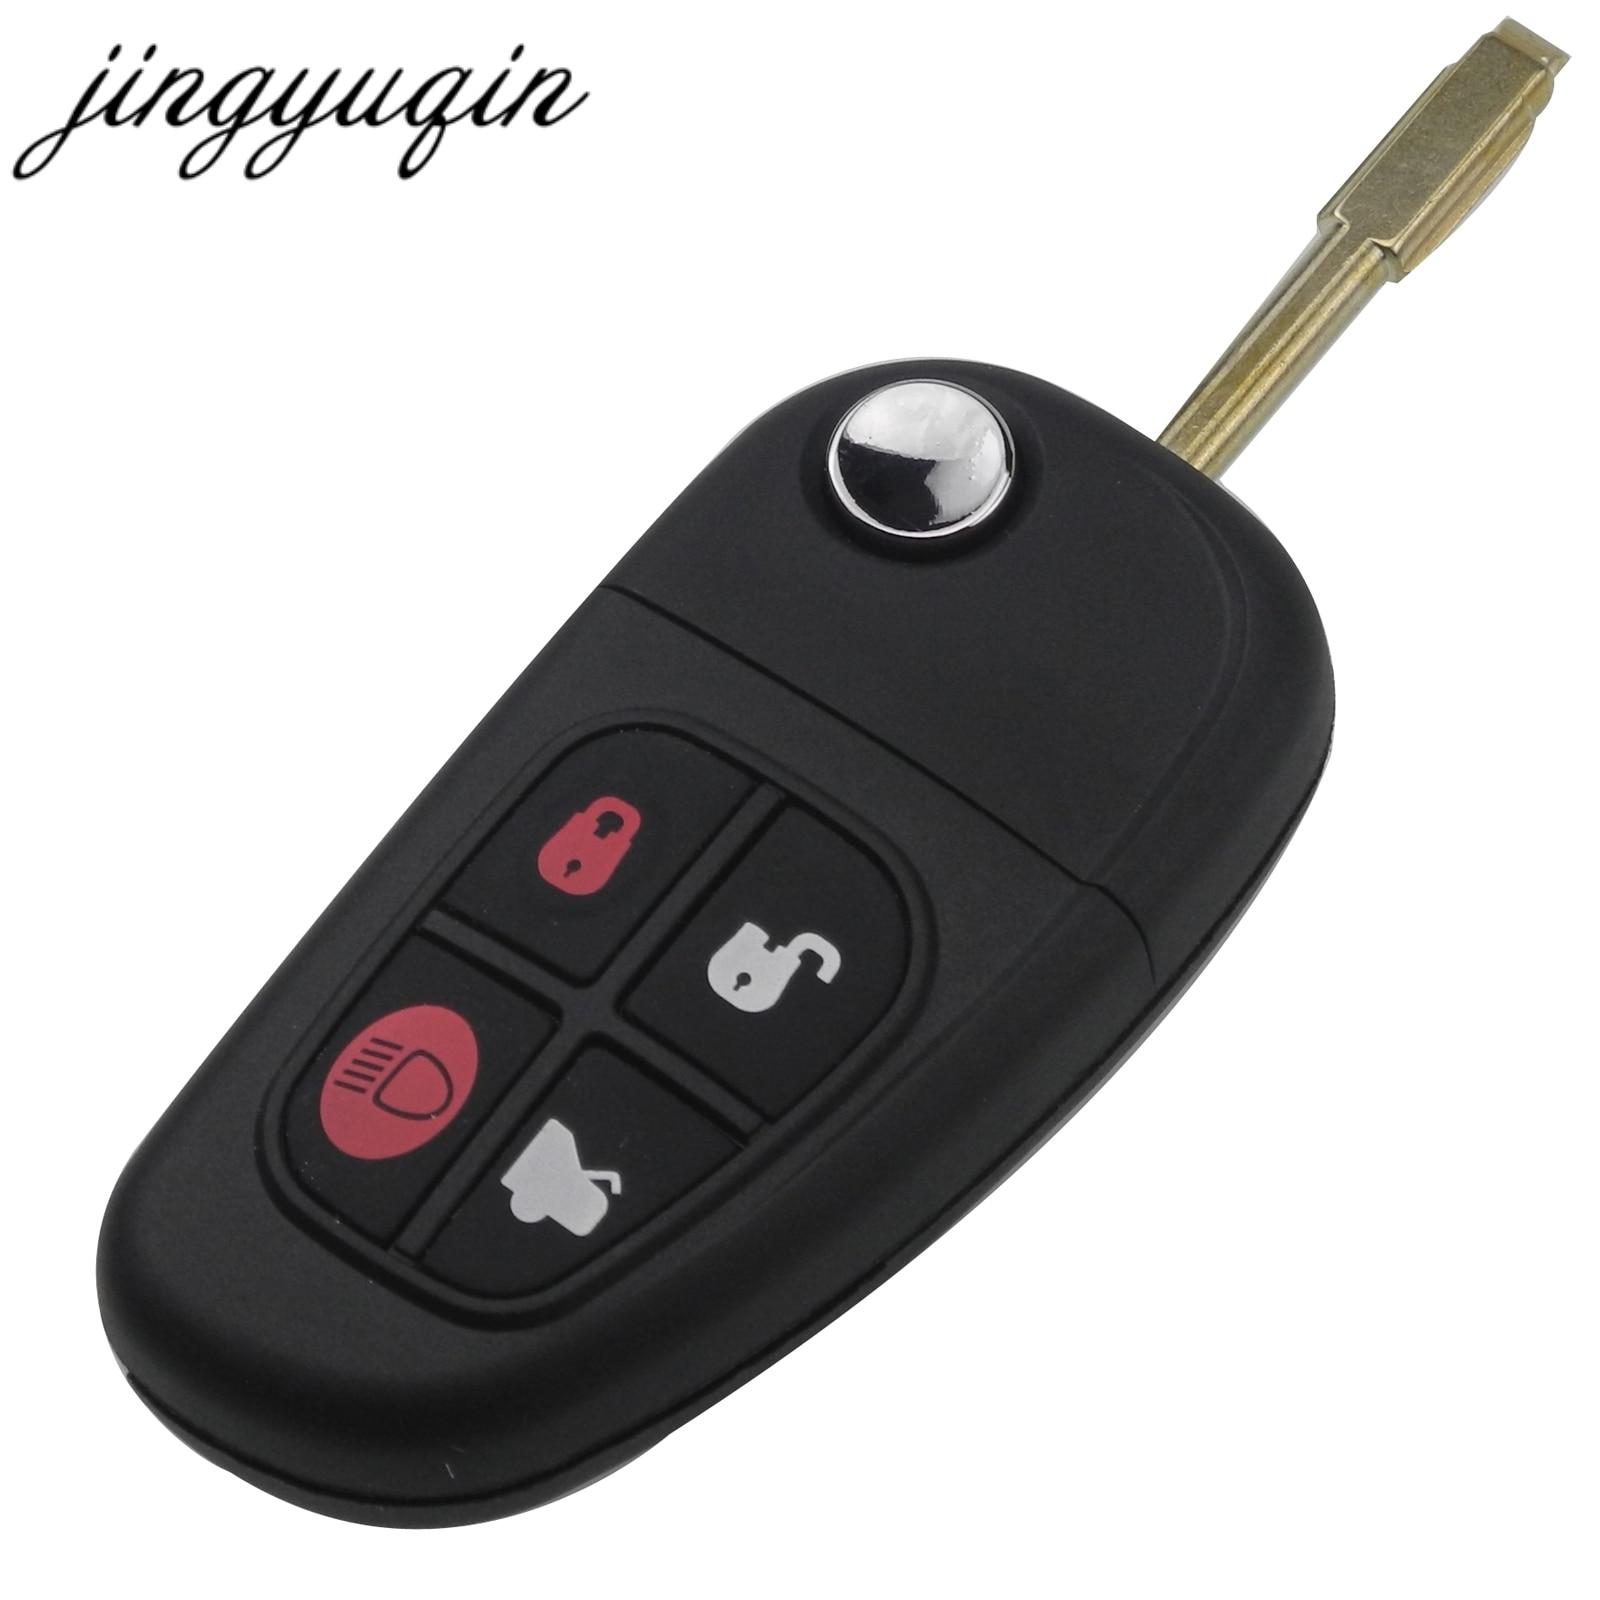 Jingyuqin 4 Button Flip Folding Remote Car Key Fob Shell For Jaguar X-Type S-Type XJ XK Type Key Case Replacement